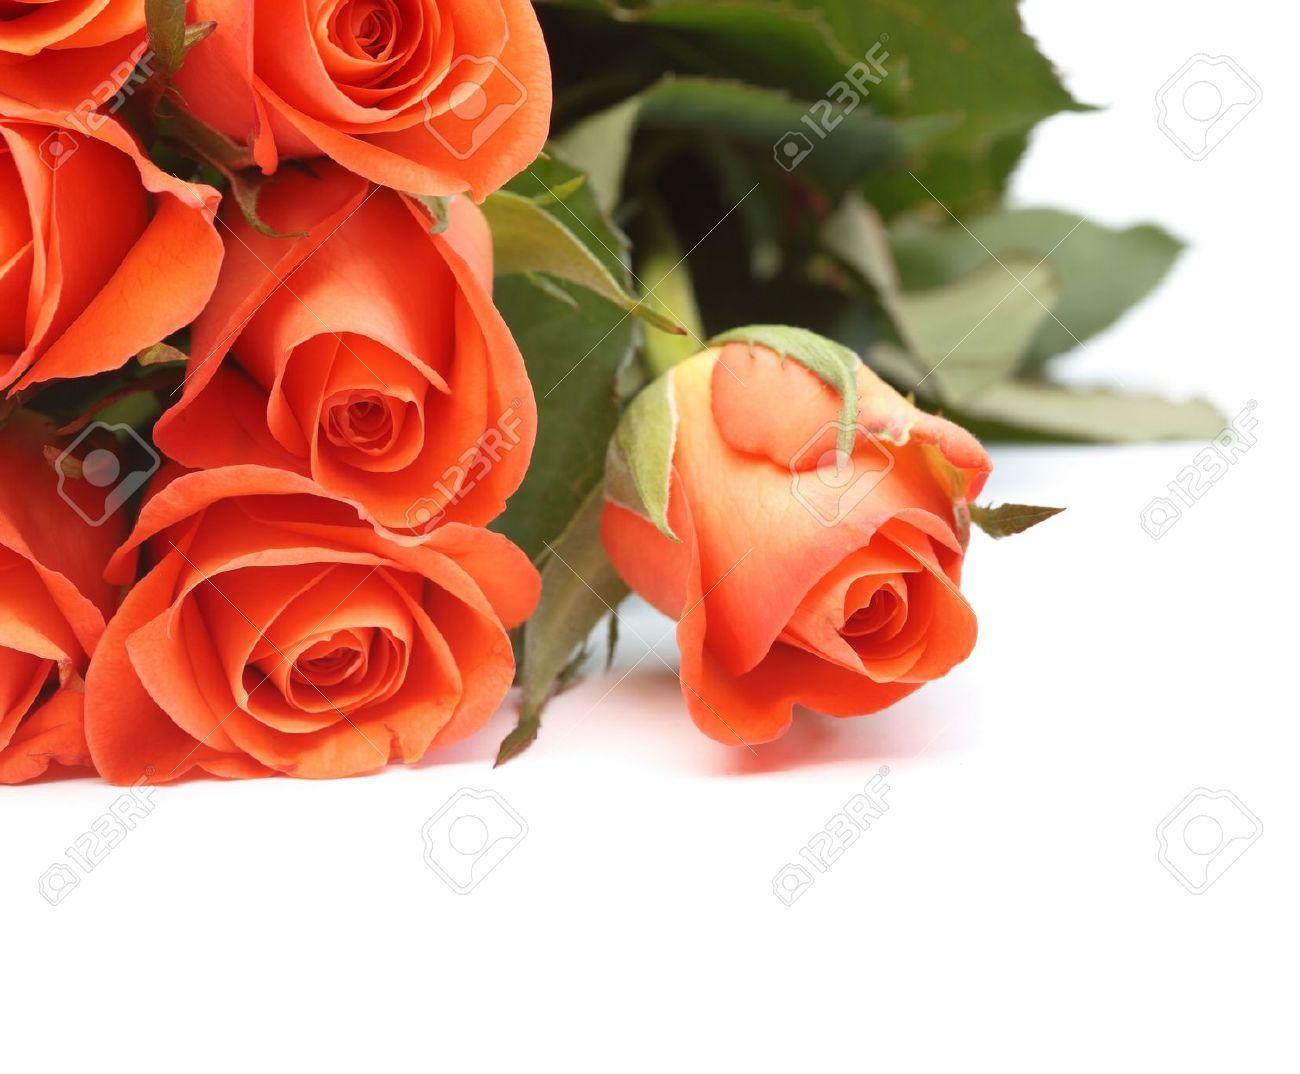 Wedding background latest  bouquet de rosas rosas  Buscar con Google  Flowers and Roses